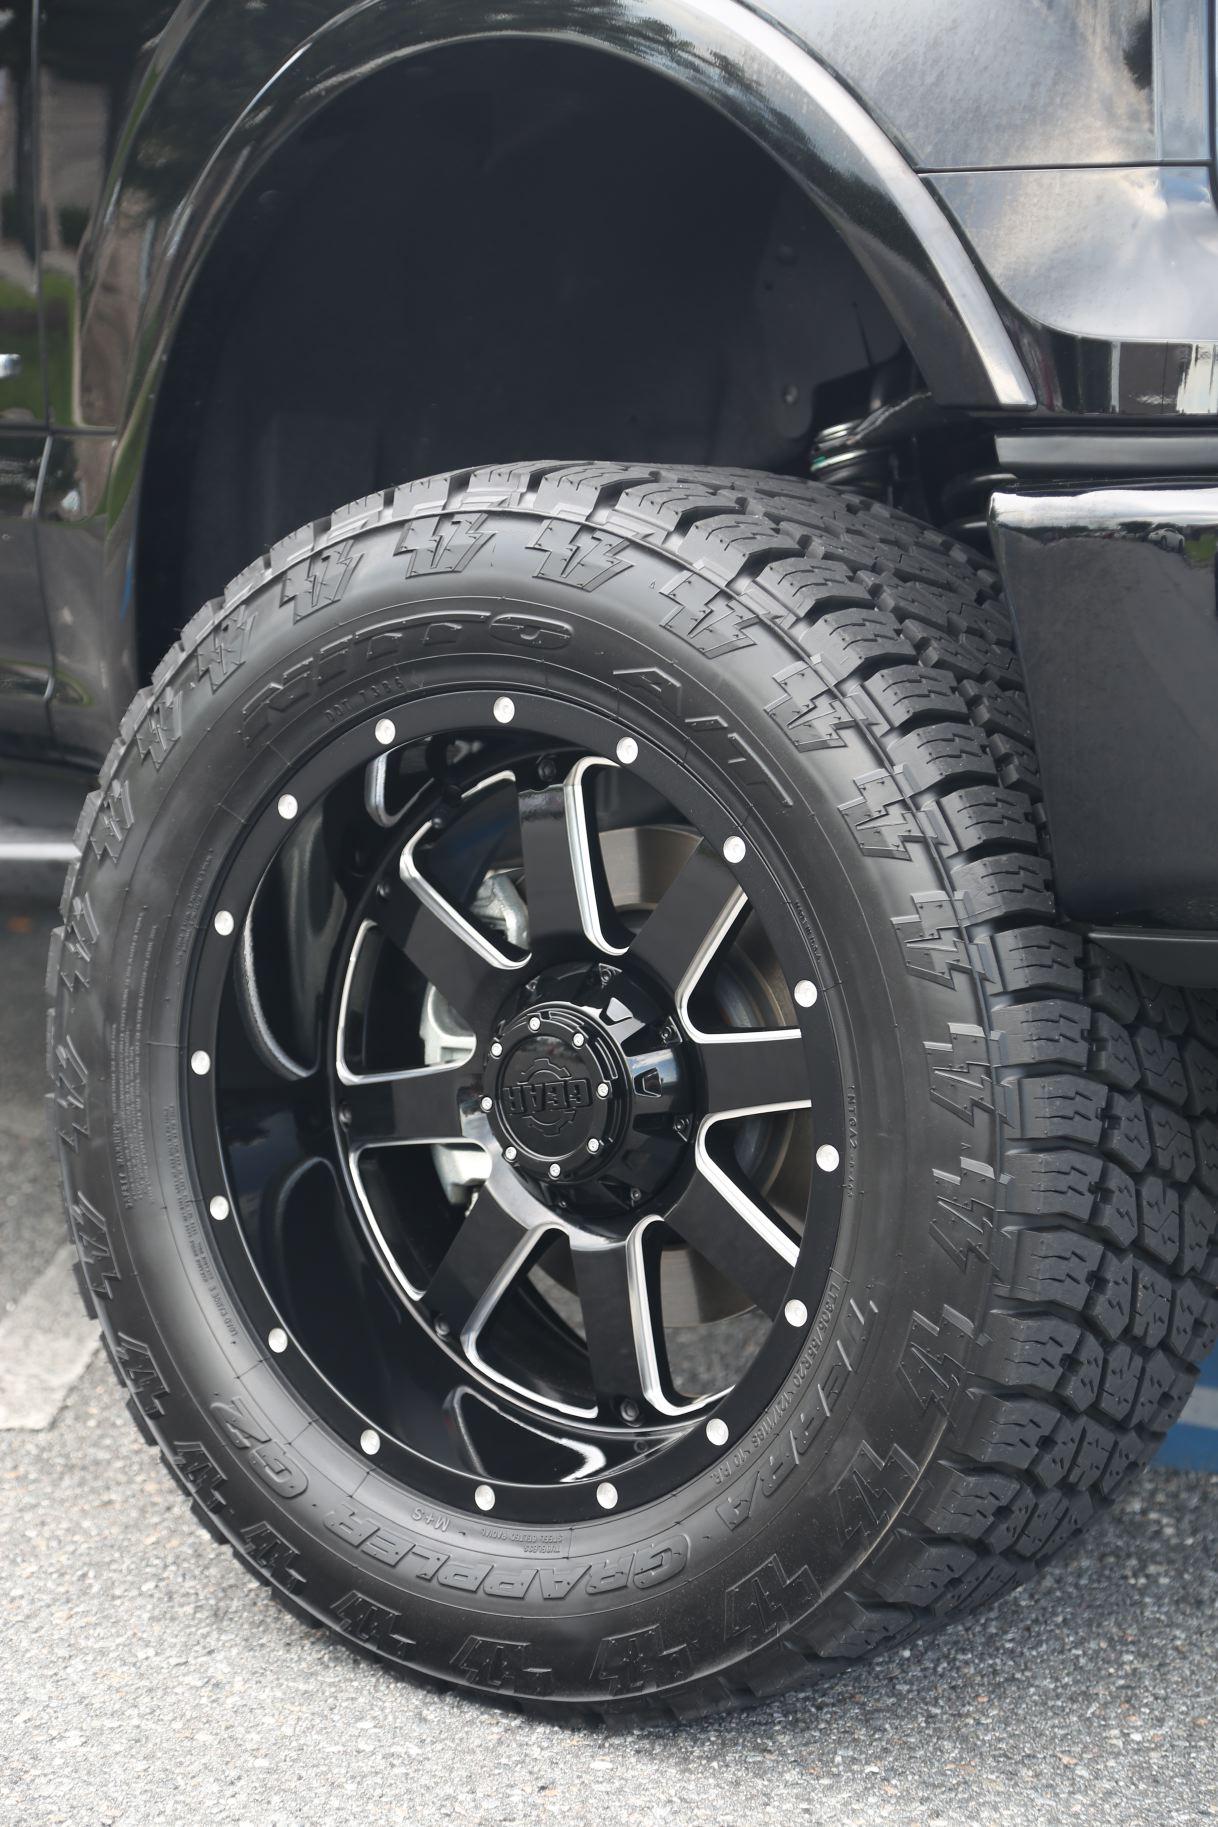 """2017 Tacoma Lift Kit >> 6"""" Lifted '16 Ford F150 on Gear Alloys - Trinity Motorsports"""